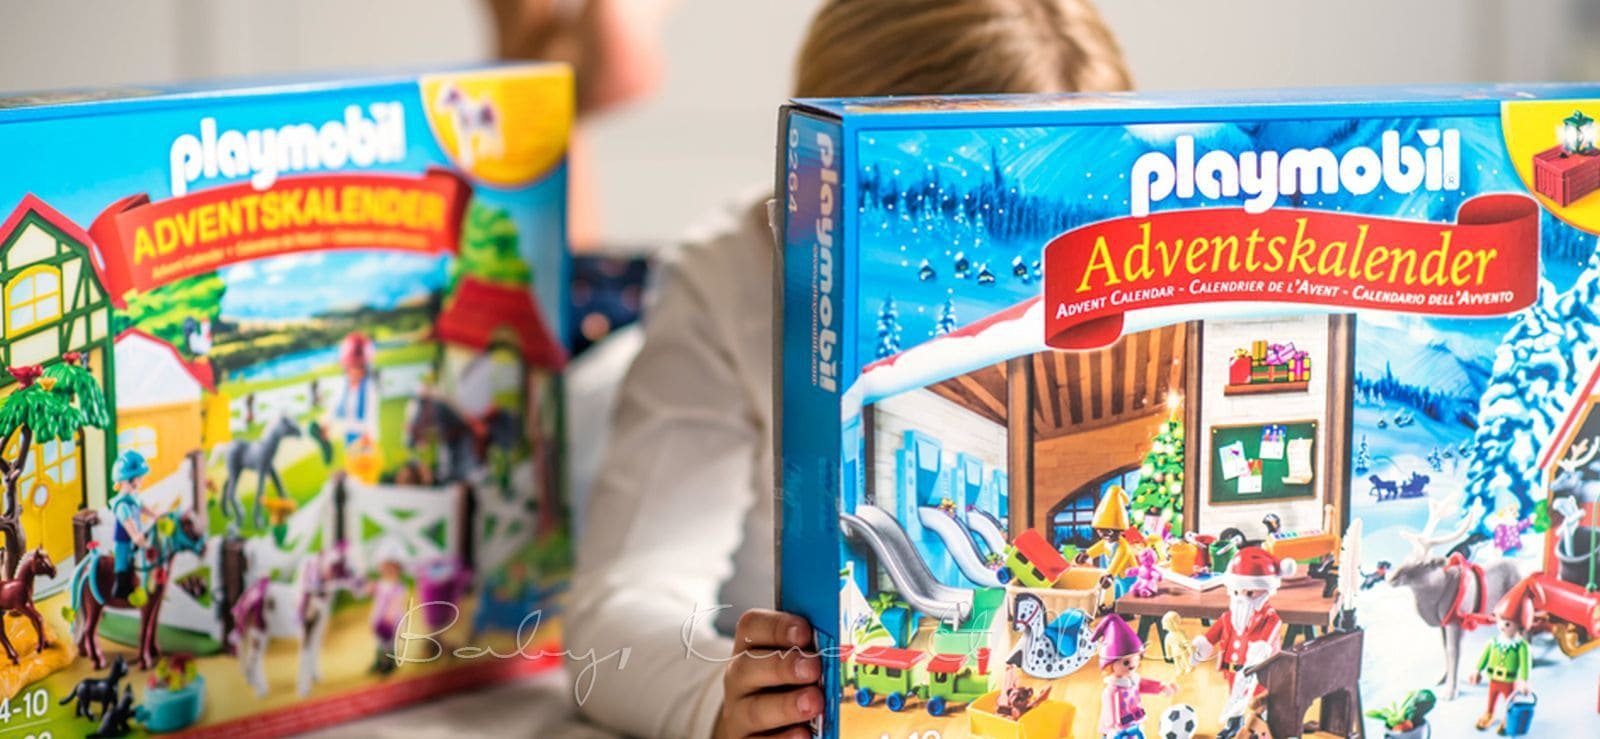 Playmobil Weihnachtskalender.Playmobil Adventskalender Spielzeug Baby Kind Und Meer